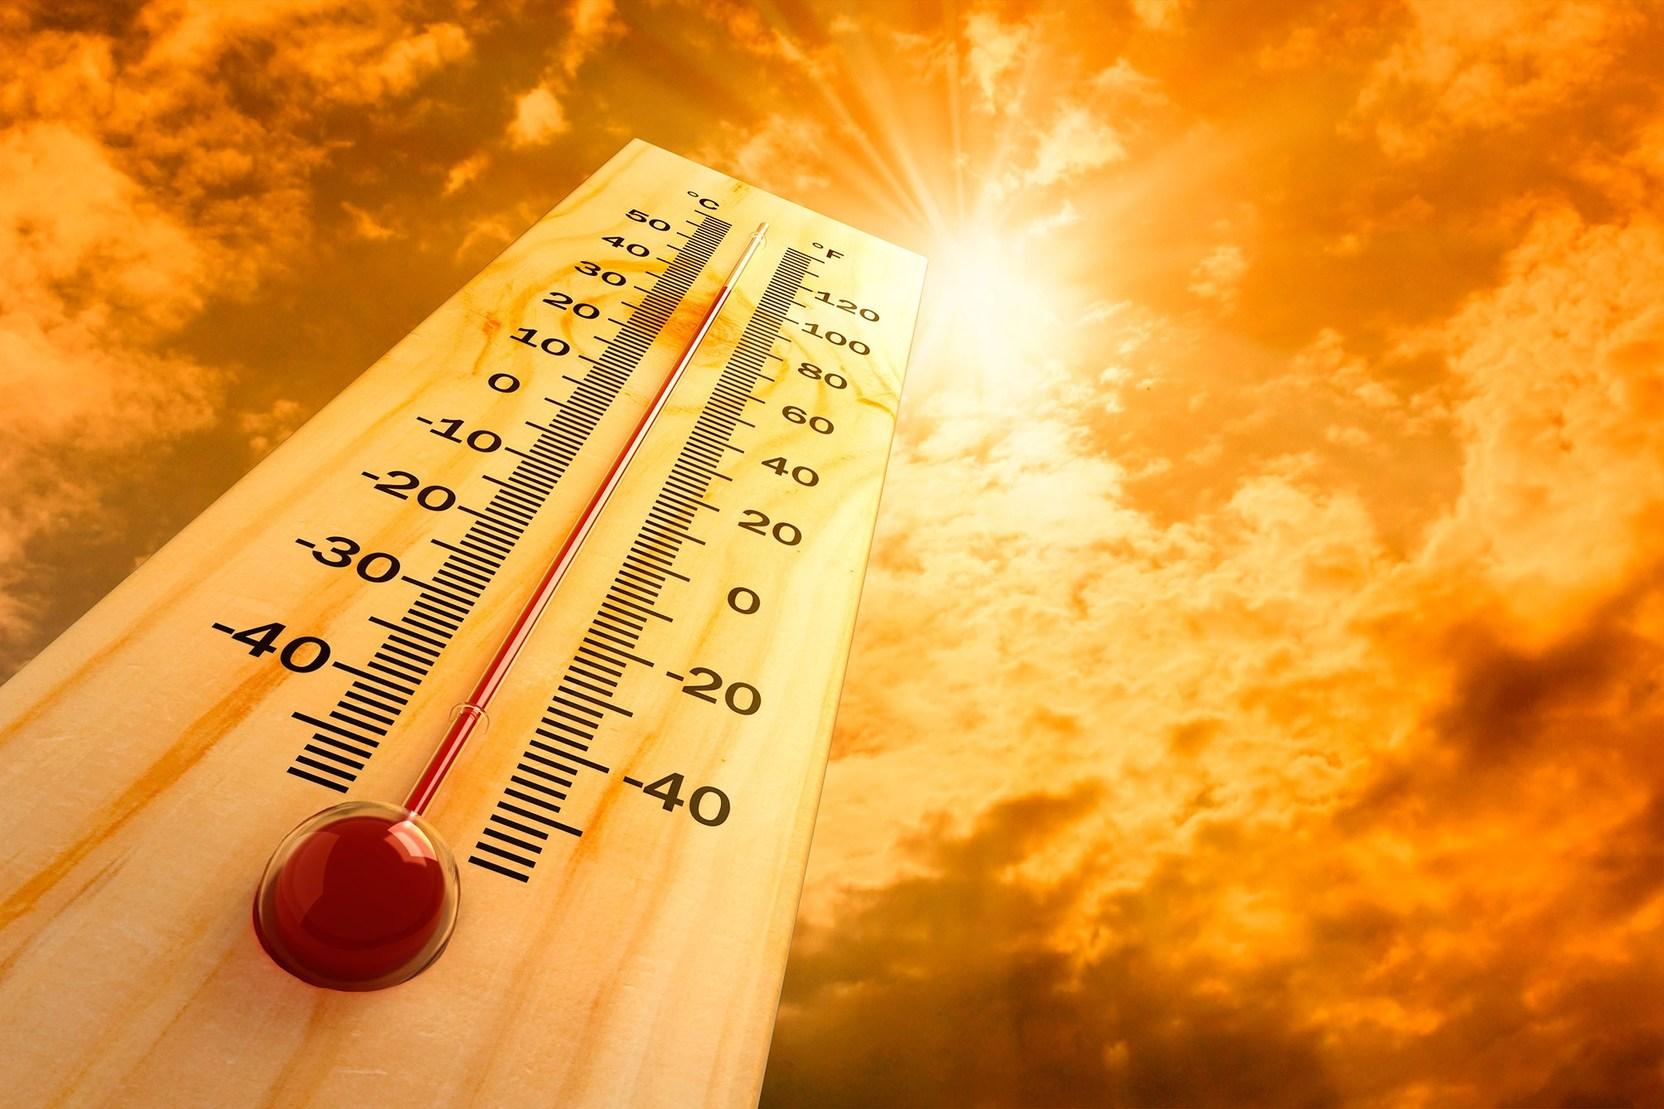 Синоптики ООН предсказали самый теплый год